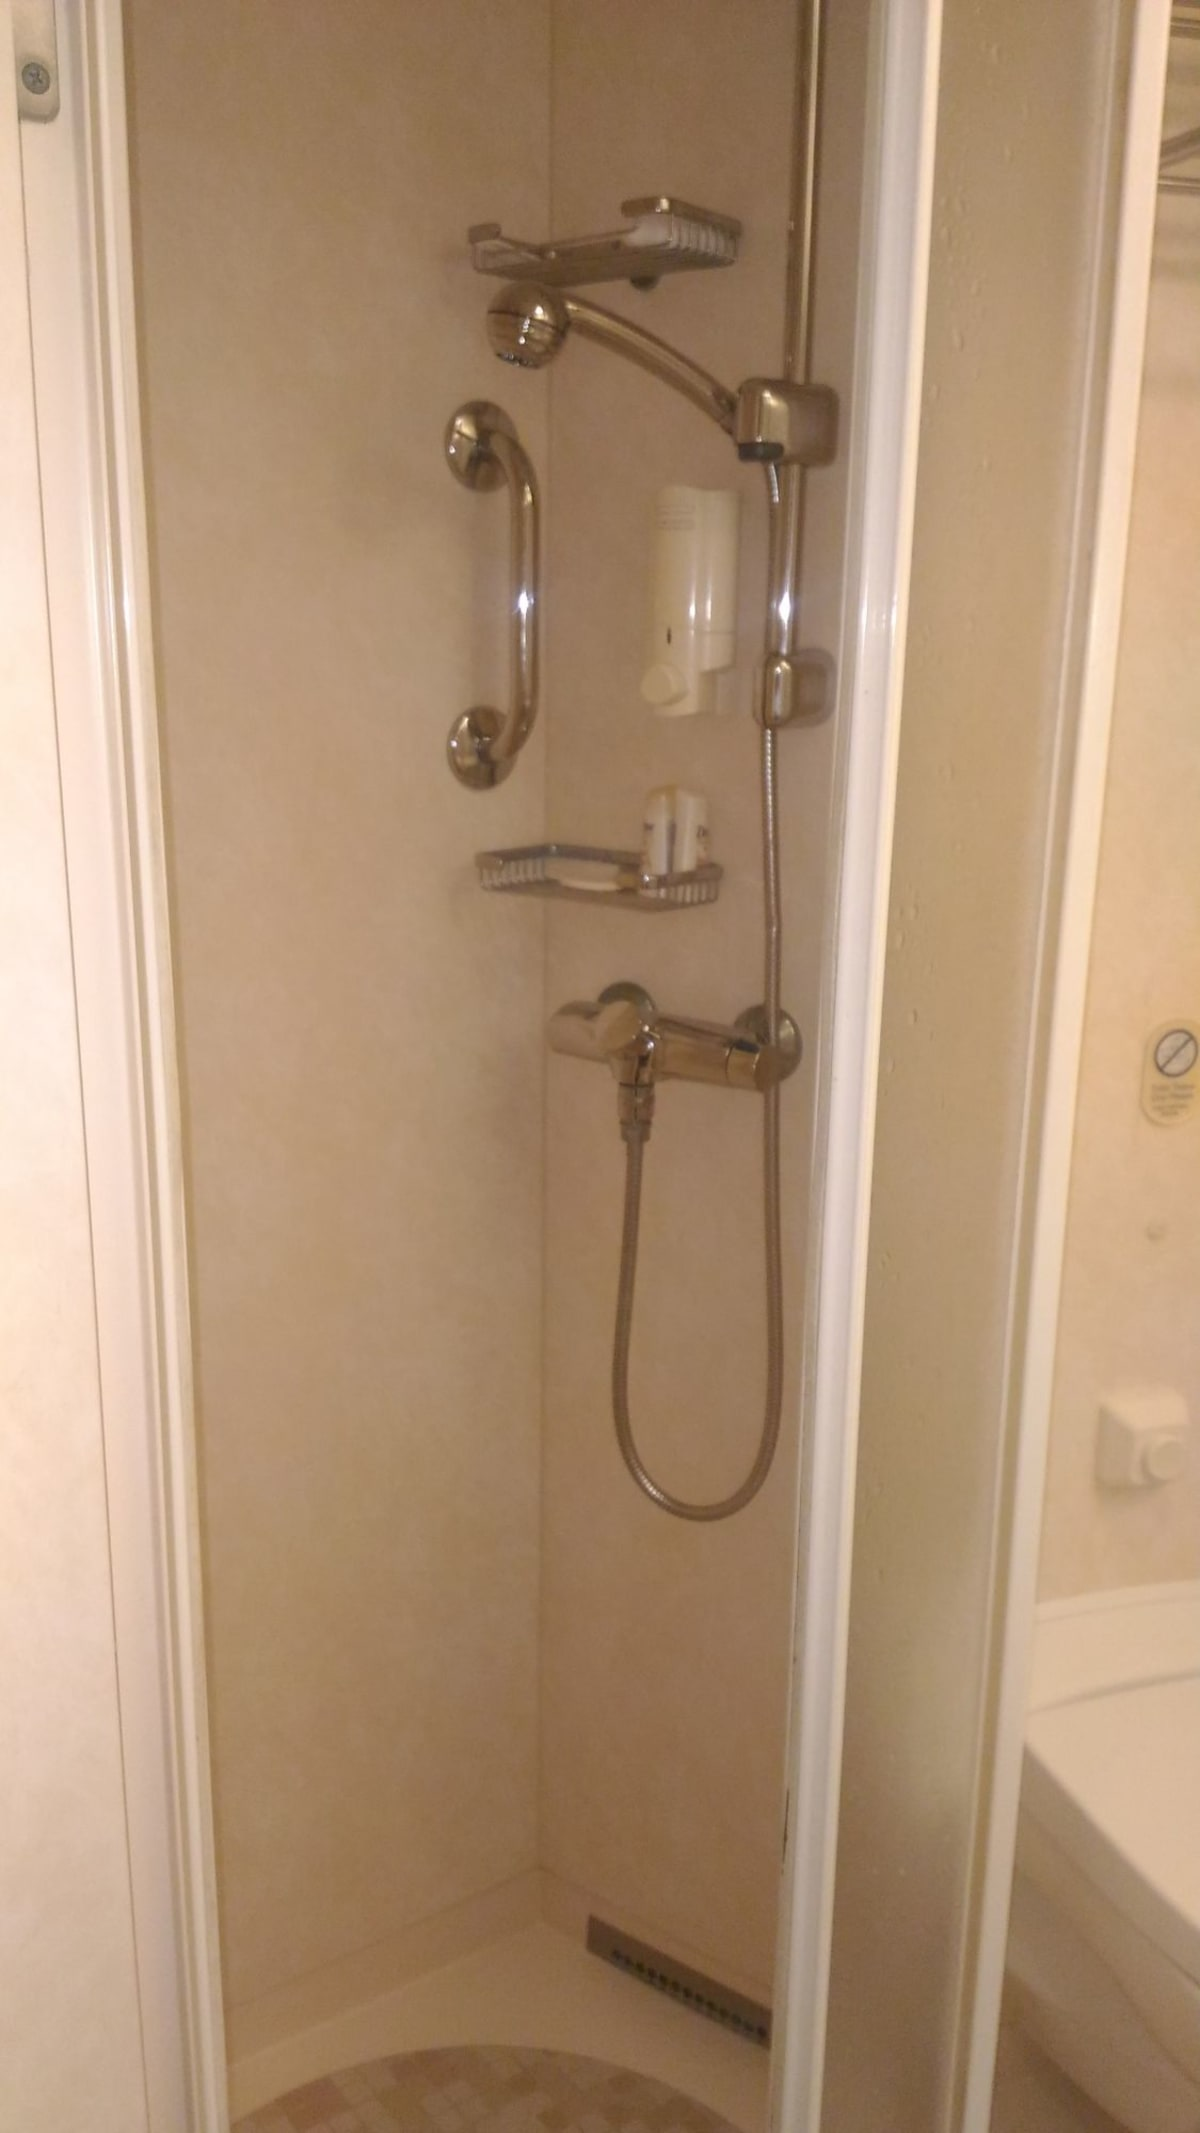 いつもながら安い部屋なのだが、シャワーブースはカーテンではなくスライドドア。ちょっと嬉しい。